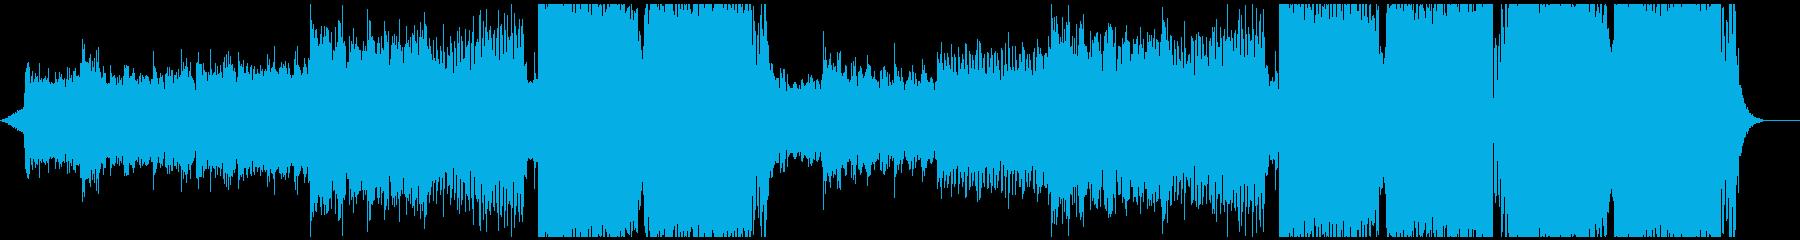 神秘的ででエモーショナルなEDMの再生済みの波形